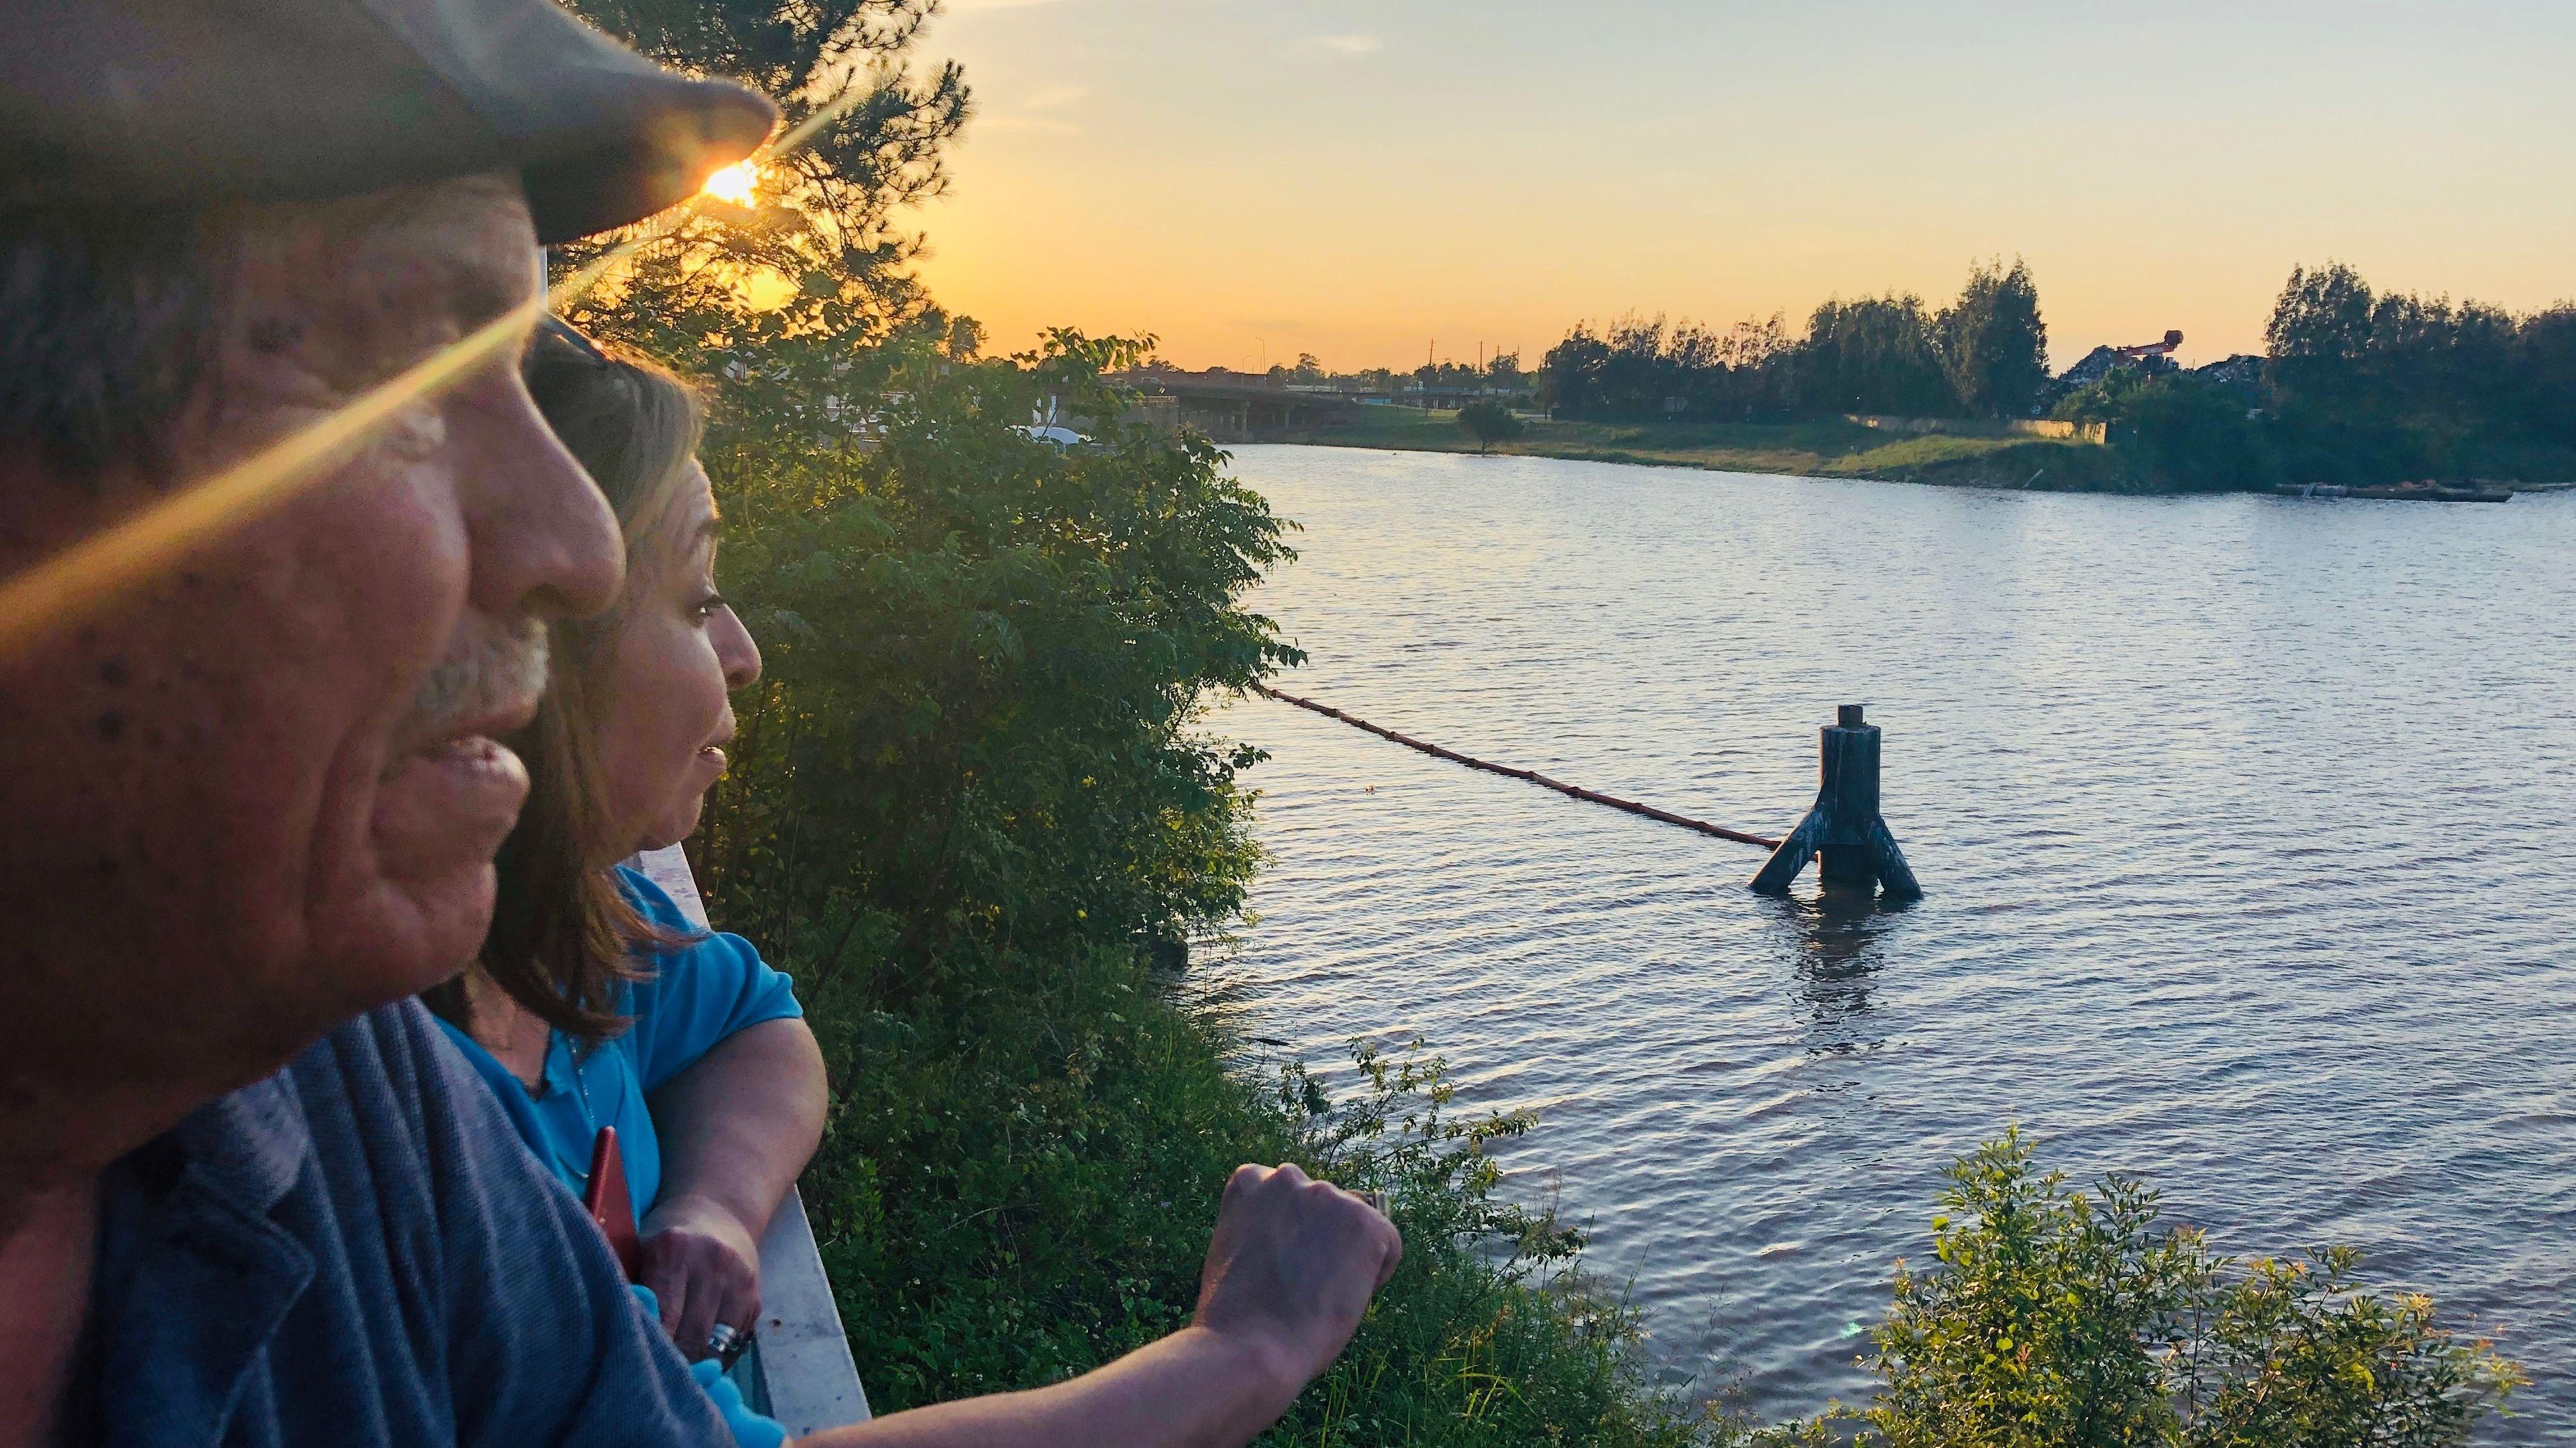 Juan und Ana Parras schauen den Sonnenuntergang an am Buffalo Bayou Fluss